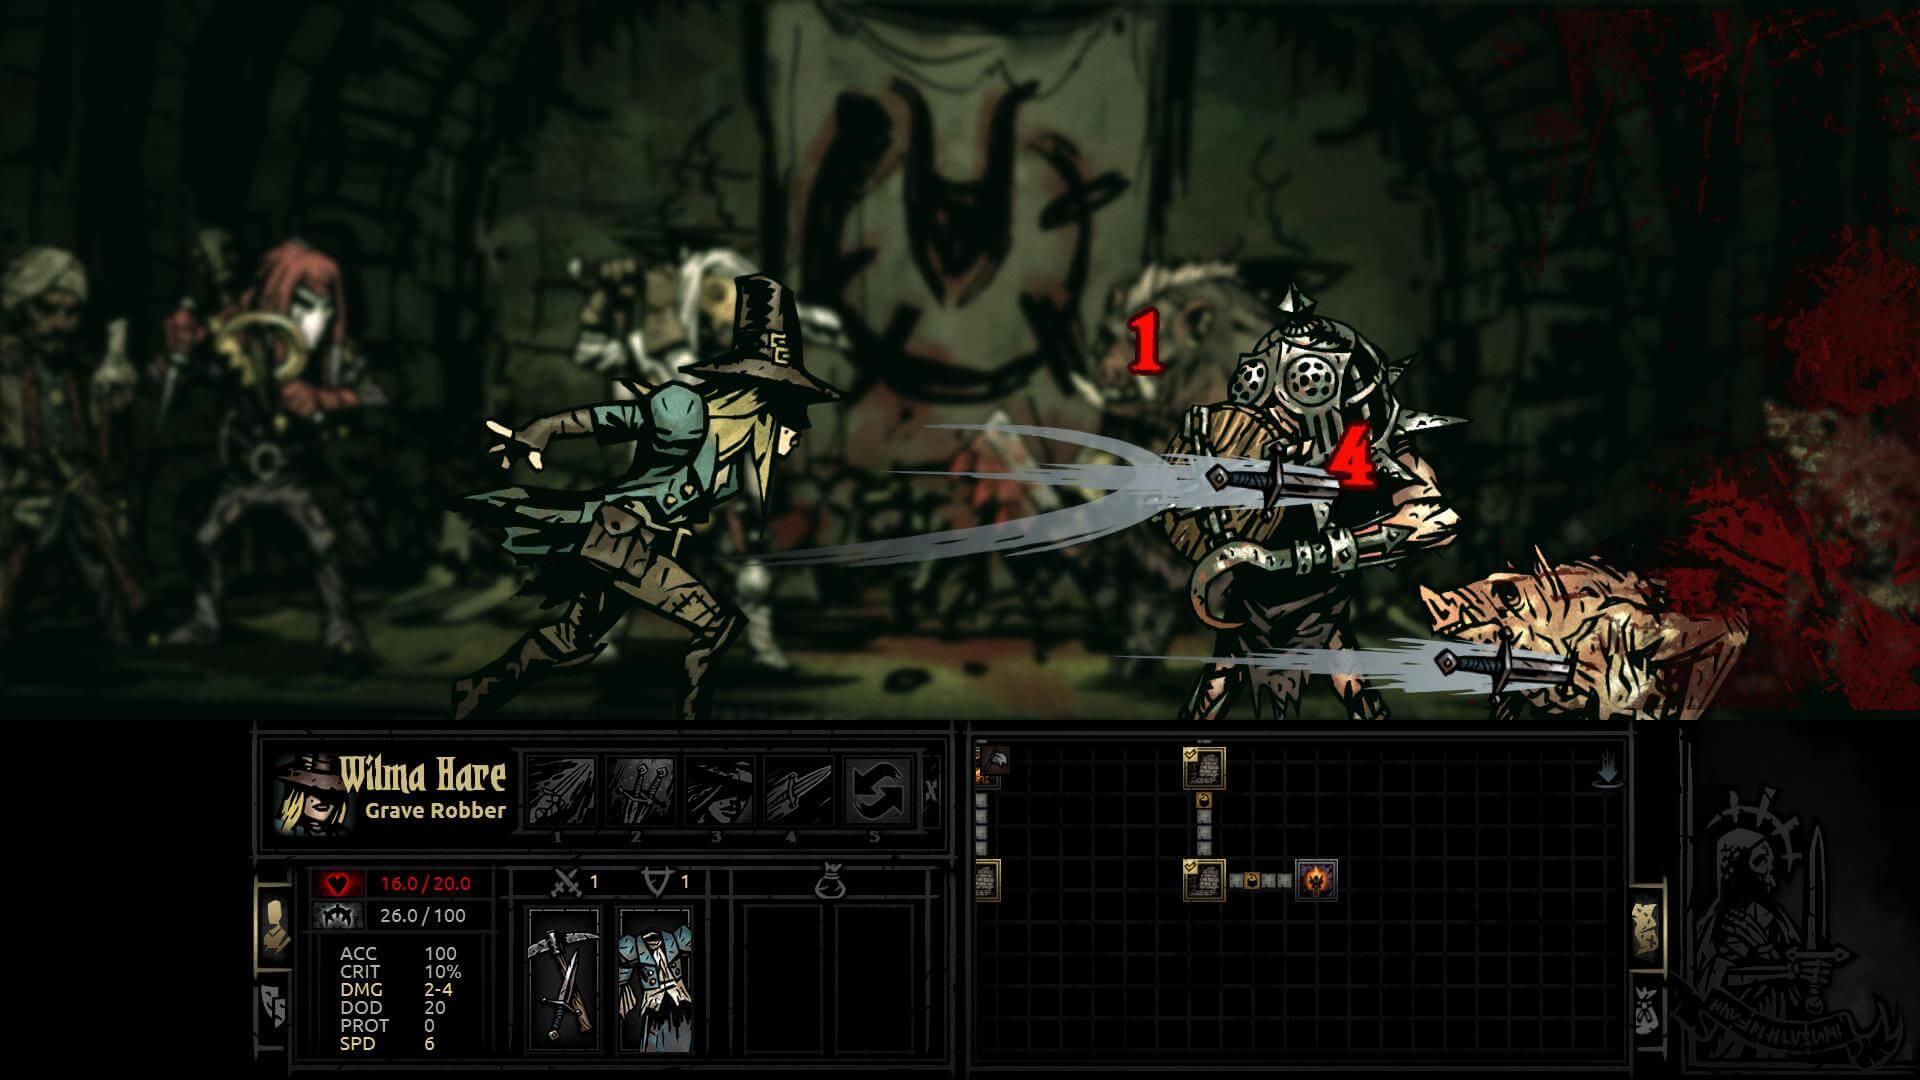 Darkest Dungeon: Grave Robber HQ wallpapers